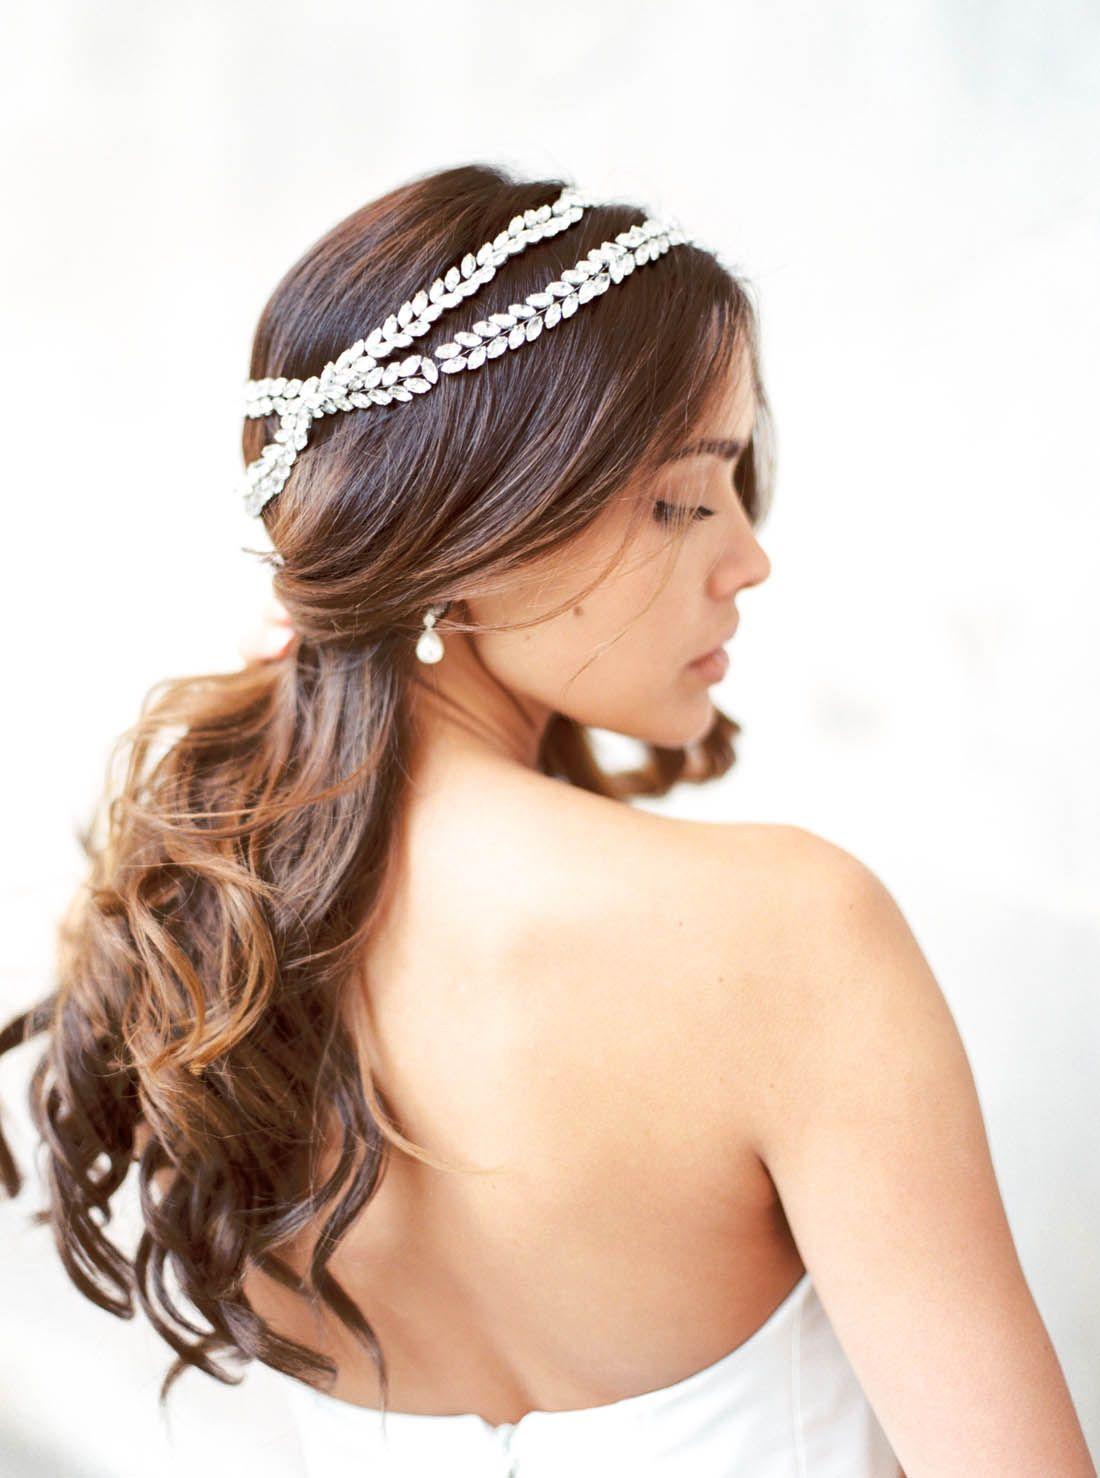 Eco Makeup Artist/ Hair Stylist Sally Biondo www